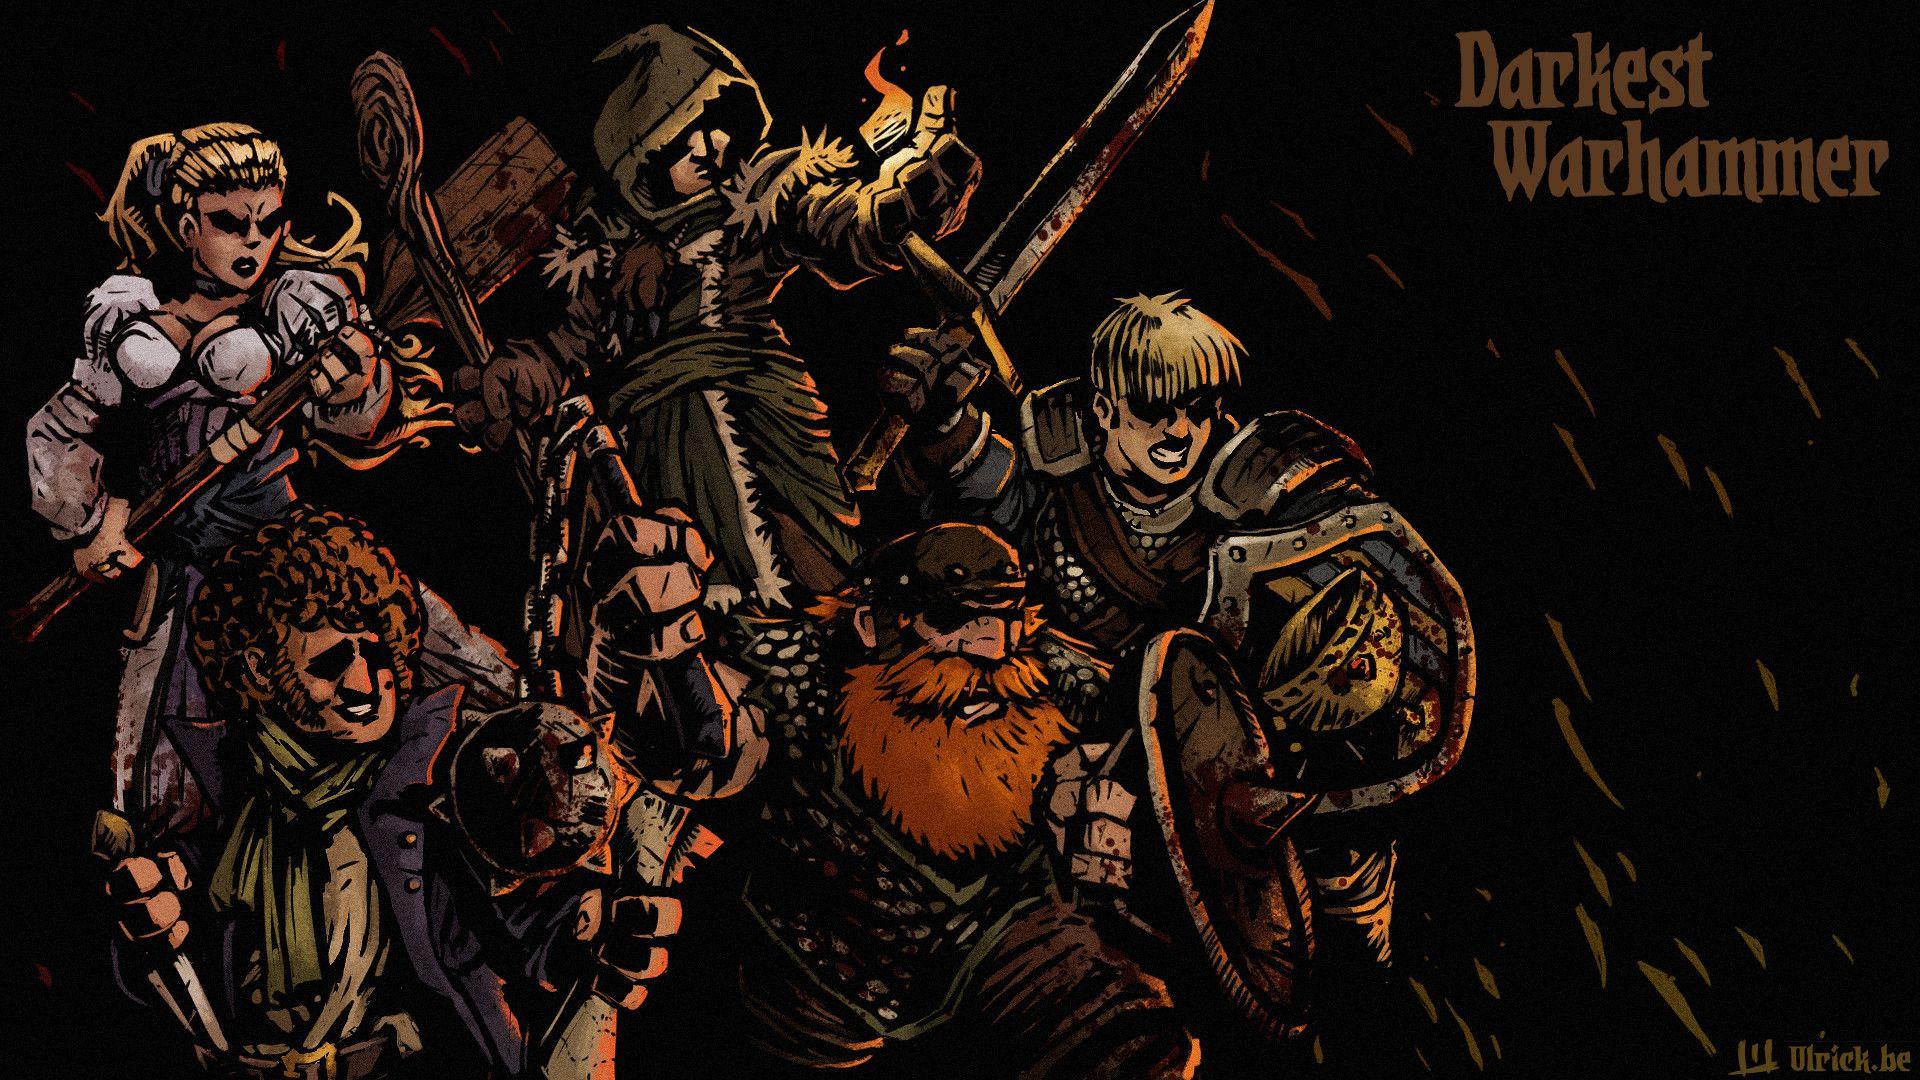 Darkest Warhammer Ulrick Wery Darkest Dungeon Warhammer Artwork